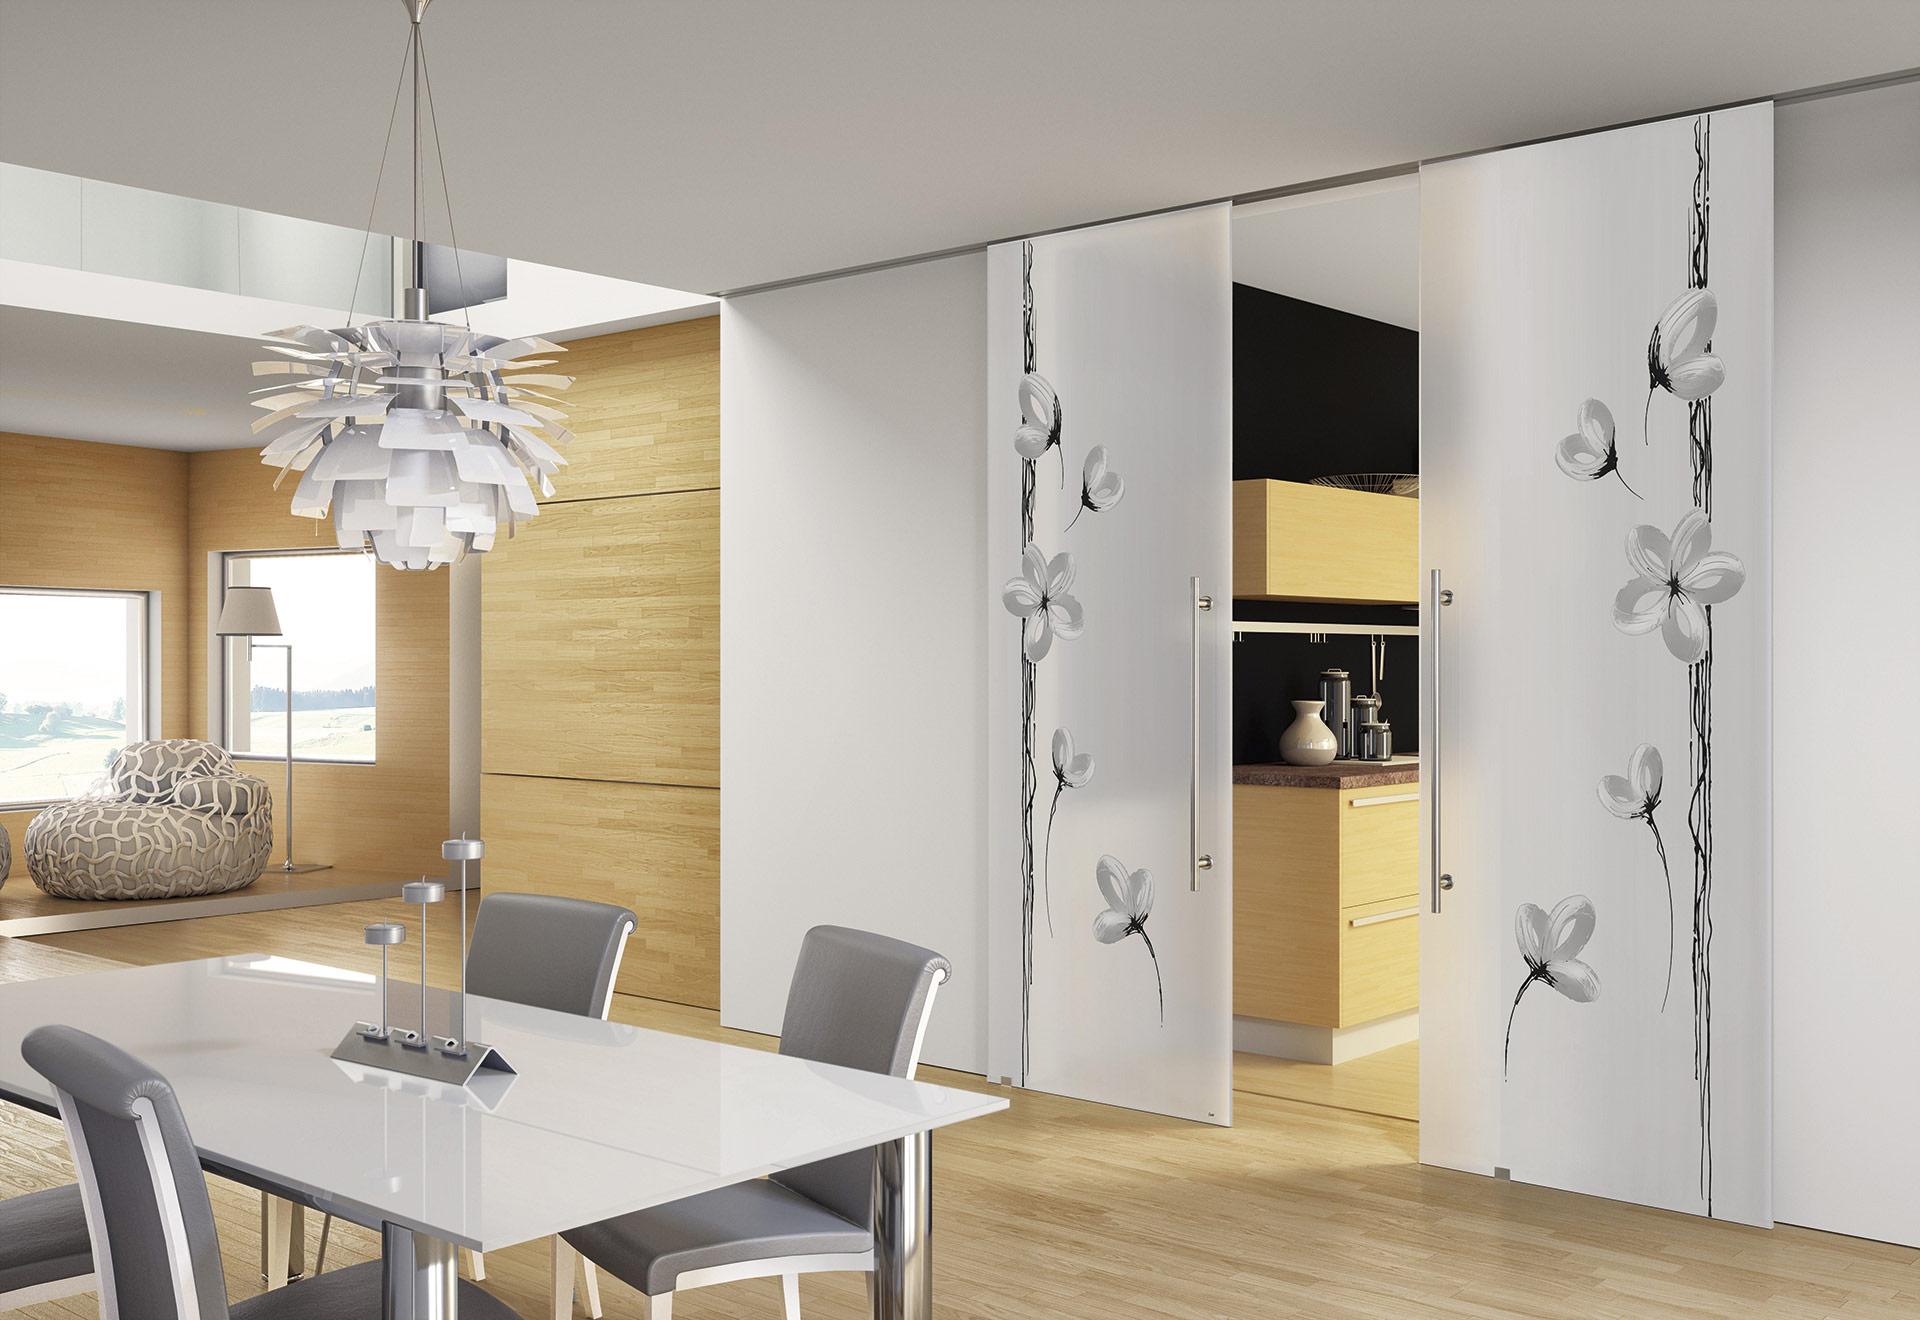 Cristal porte e vetri decorati bergo porte - Cucina con vetrata a vista ...